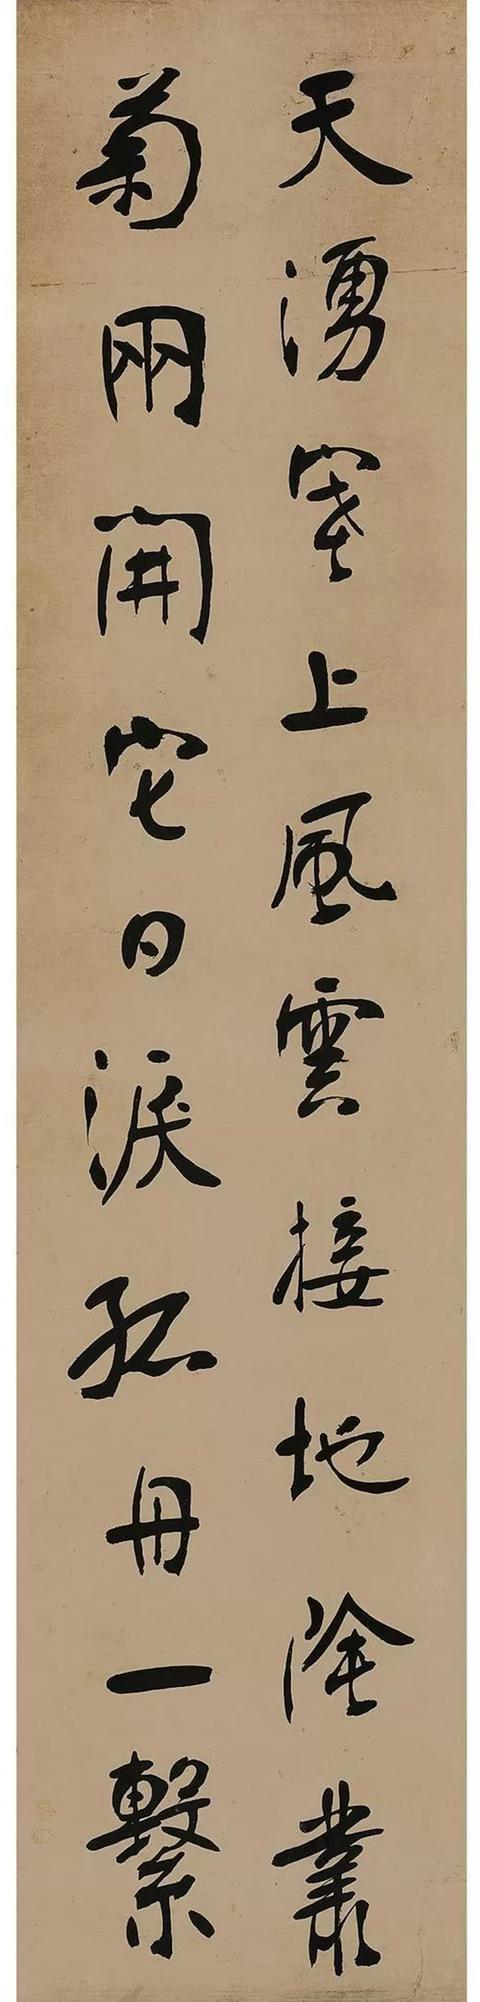 贺培新1921年 张体行书杜甫秋兴诗一首